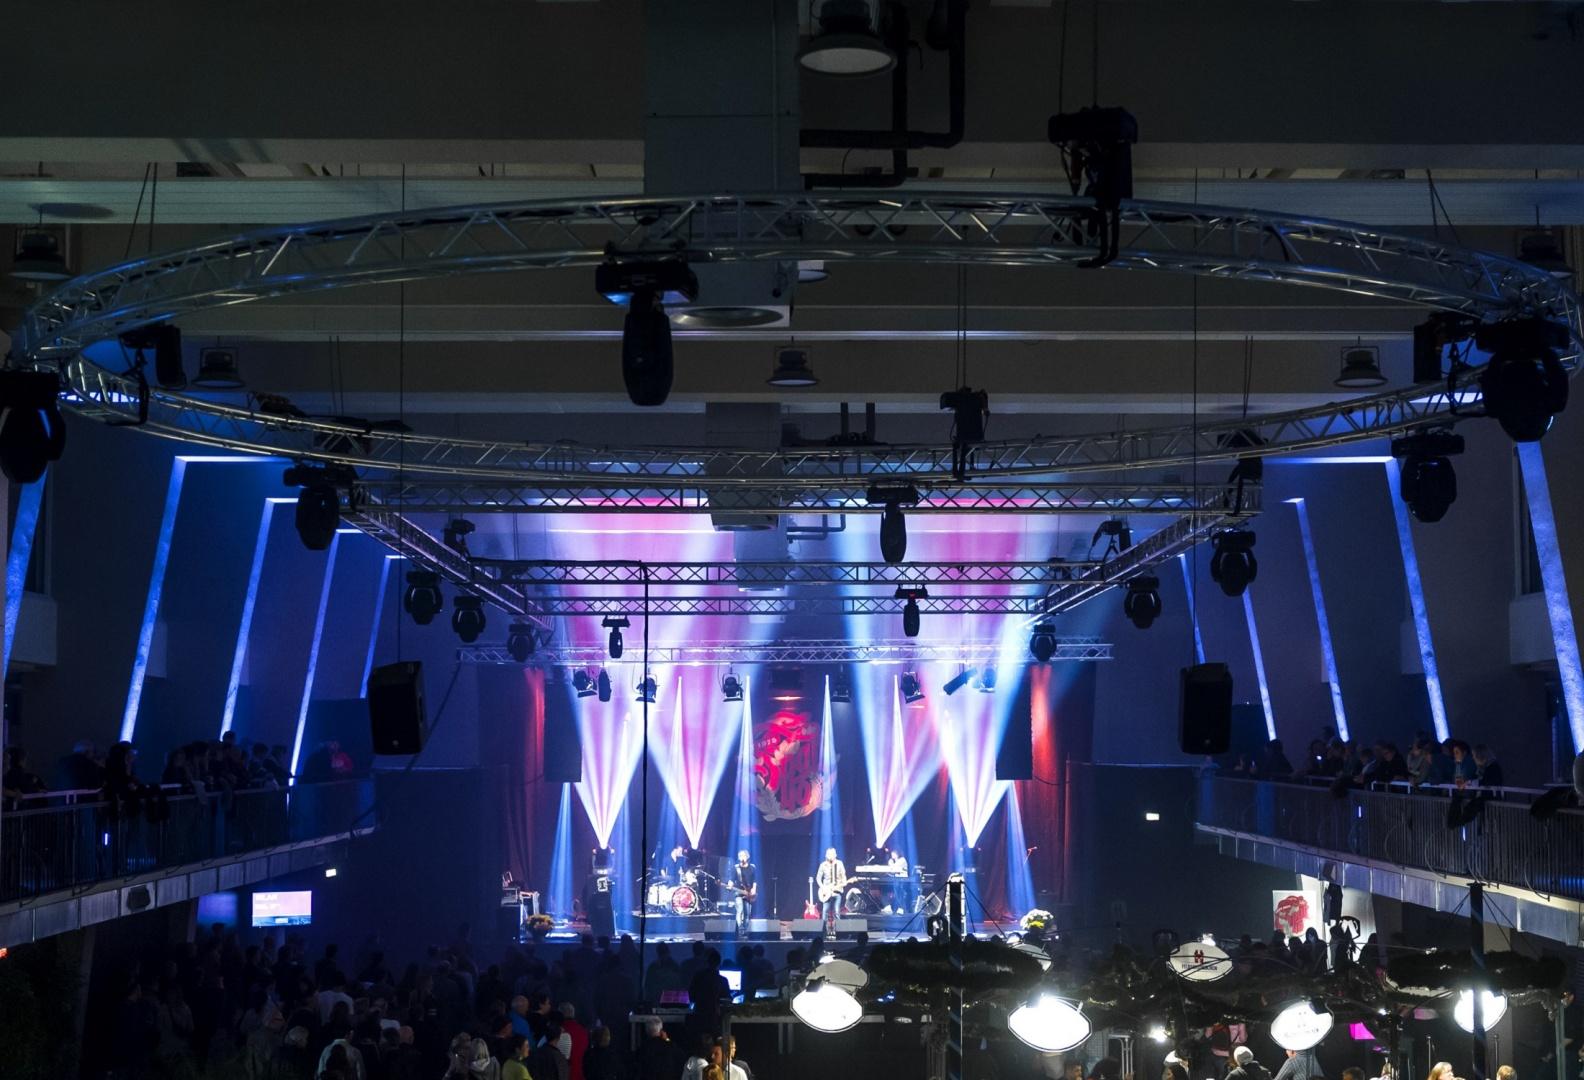 Markthalle, Halle während Anlass © Manuel Stettler, Fotograf, Burgdorf